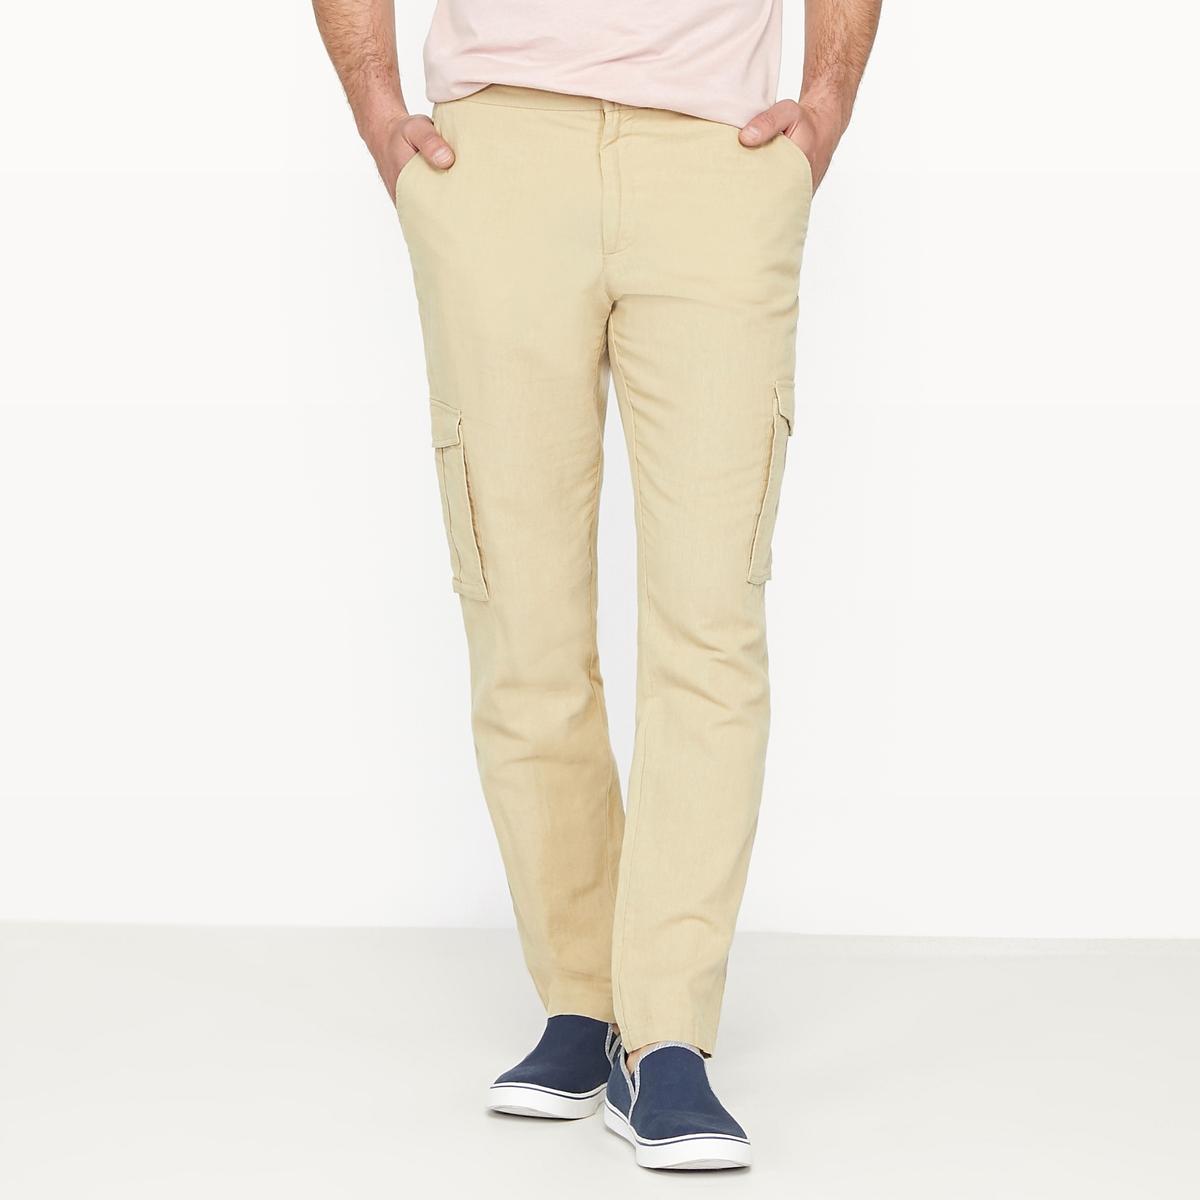 Брюки батл стандартного покроя из льна меланж брюки из лиоцелла и льна